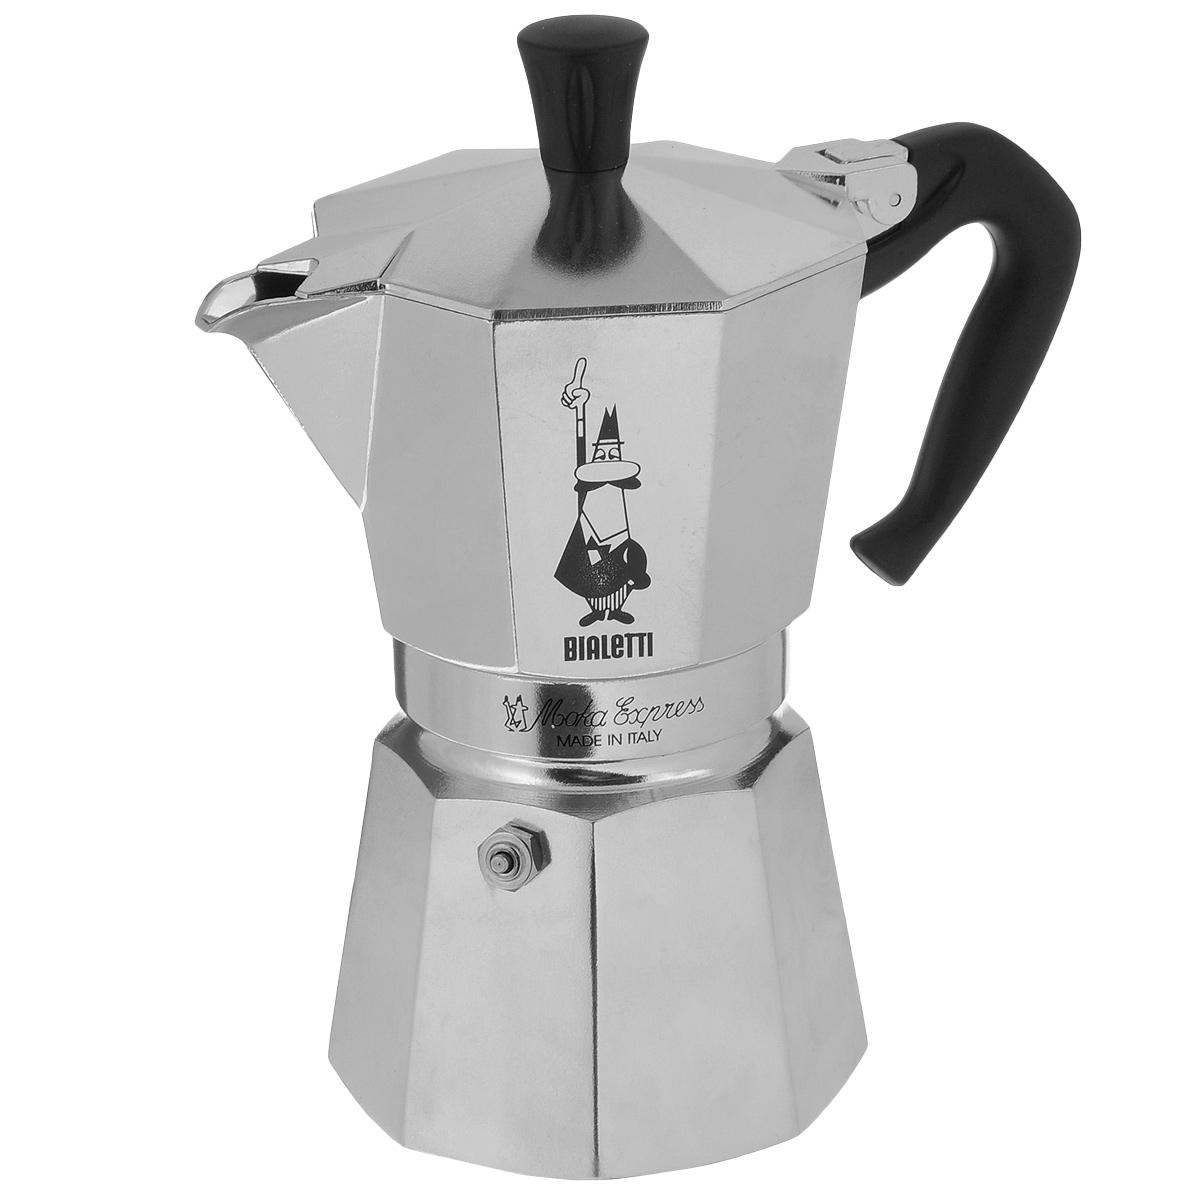 Кофеварка гейзерная Bialetti Moka Express, на 6 чашек, 300 мл1163Компактная гейзерная кофеварка Bialetti Moka Express изготовлена из высококачественного алюминия. Объема кофе хватает на 6 чашек. Изделие оснащено удобной пластиковой ручкой. Принцип работы такой гейзерной кофеварки - кофе заваривается путем многократного прохождения горячей воды или пара через слой молотого кофе. Удобство кофеварки в том, что вся кофейная гуща остается во внутренней емкости. Гейзерные кофеварки пользуются большой популярностью благодаря изысканному аромату. Кофе получается крепкий и насыщенный. Теперь и дома вы сможете насладиться великолепным эспрессо. Подходит для газовых, электрических и стеклокерамических плит. Нельзя мыть в посудомоечной машине. Объем: 300 мл.